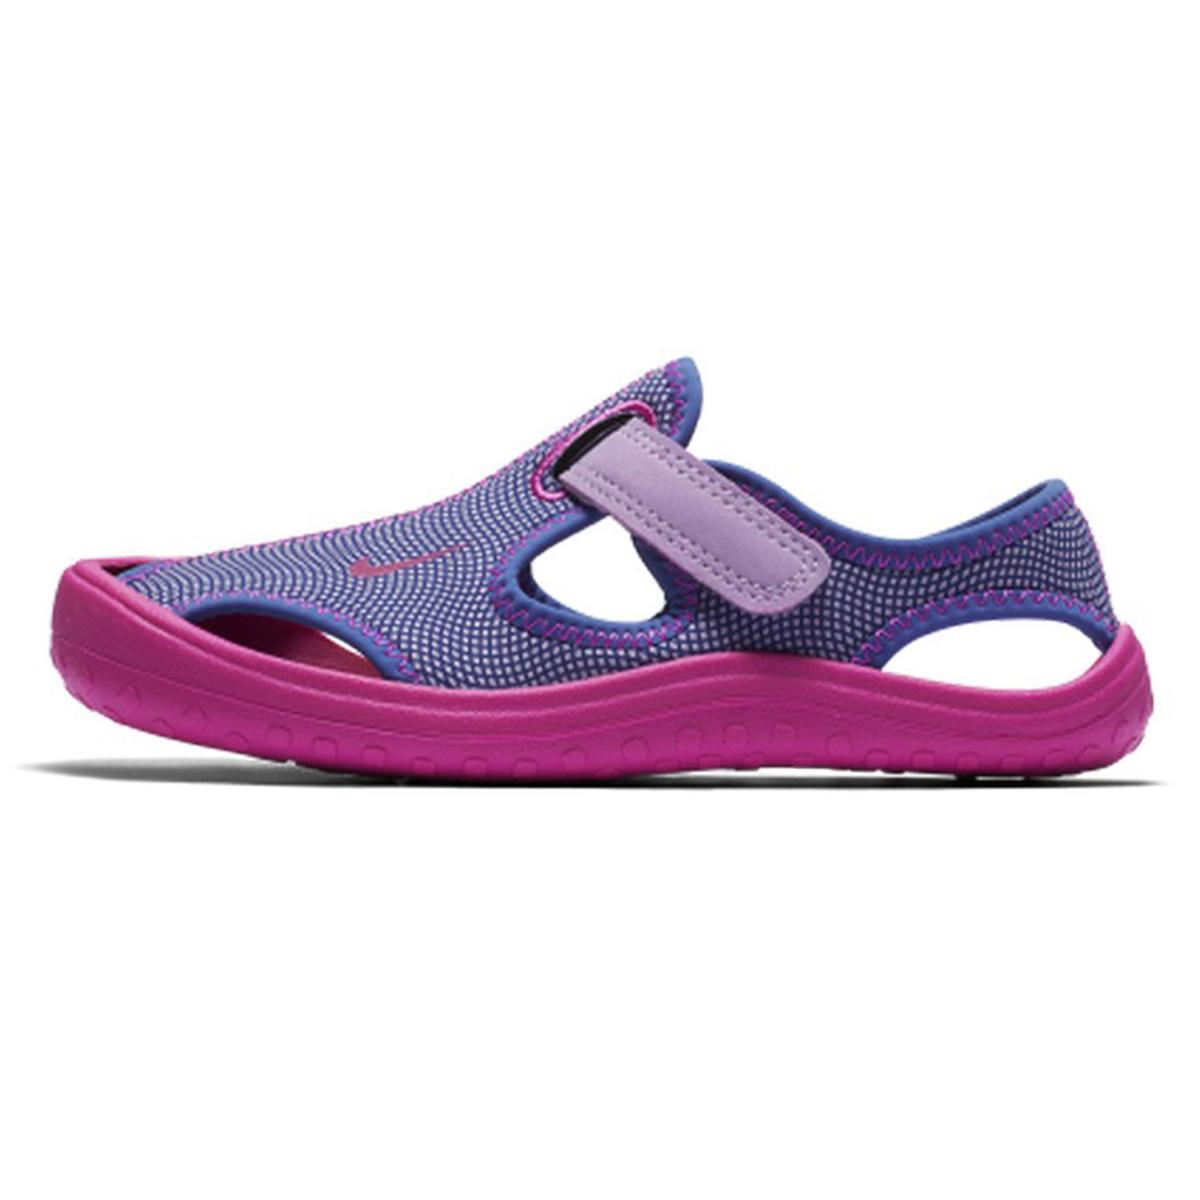 NIKE NIKE sandale SUNRAY PROTECT (PS) 903633-500 - Jeftinije.hr 2ed05765a827